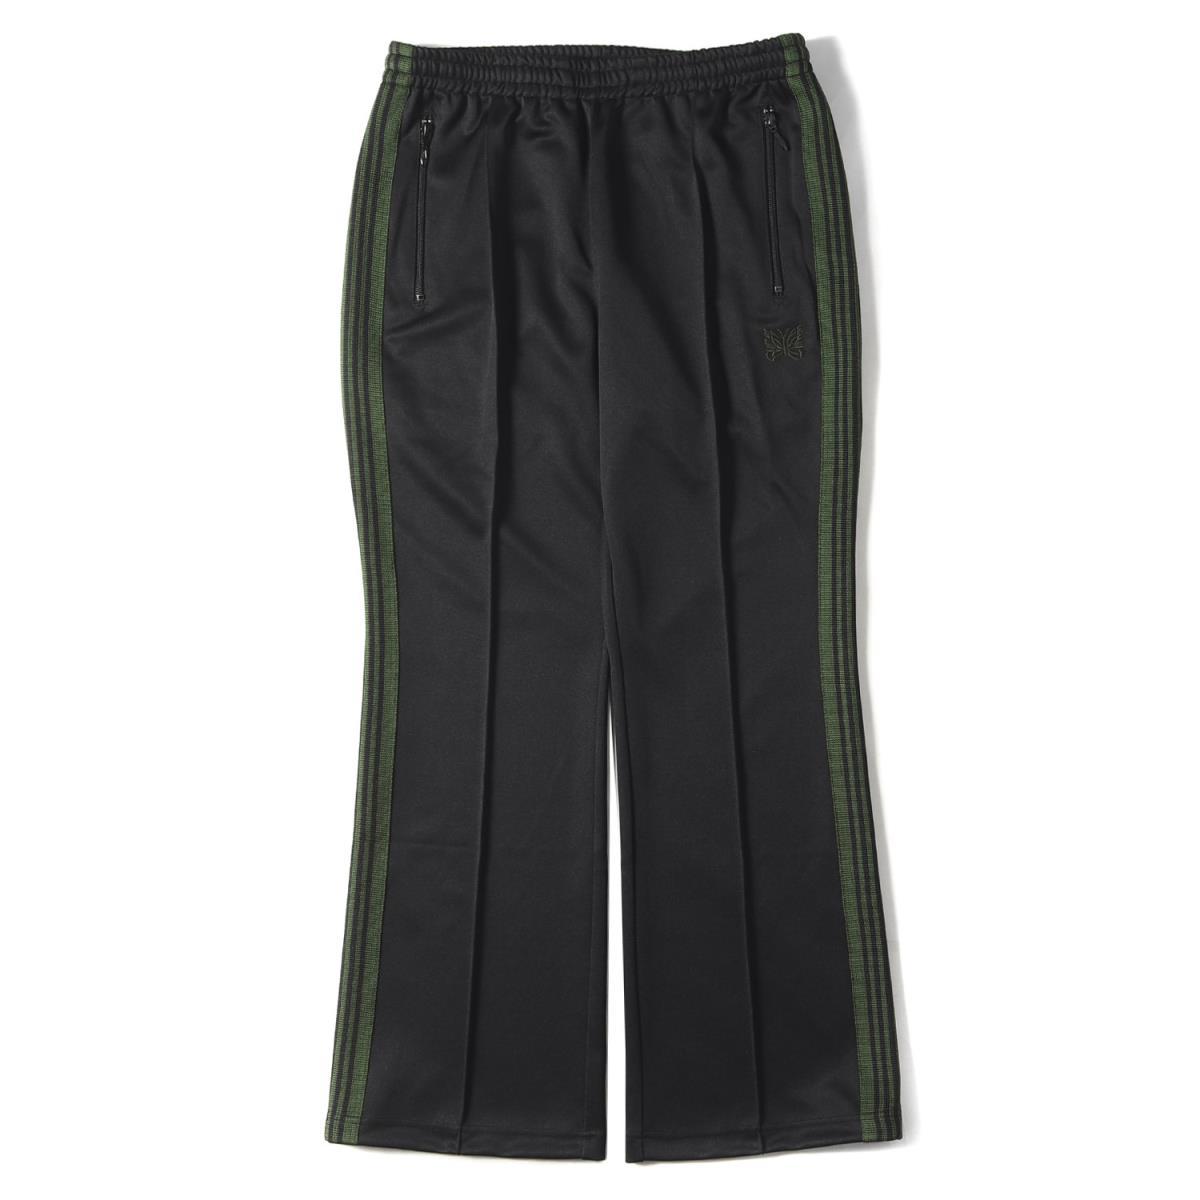 メンズファッション, ズボン・パンツ NEEDLES Boot-Cut Track Pant 19AW M K2694